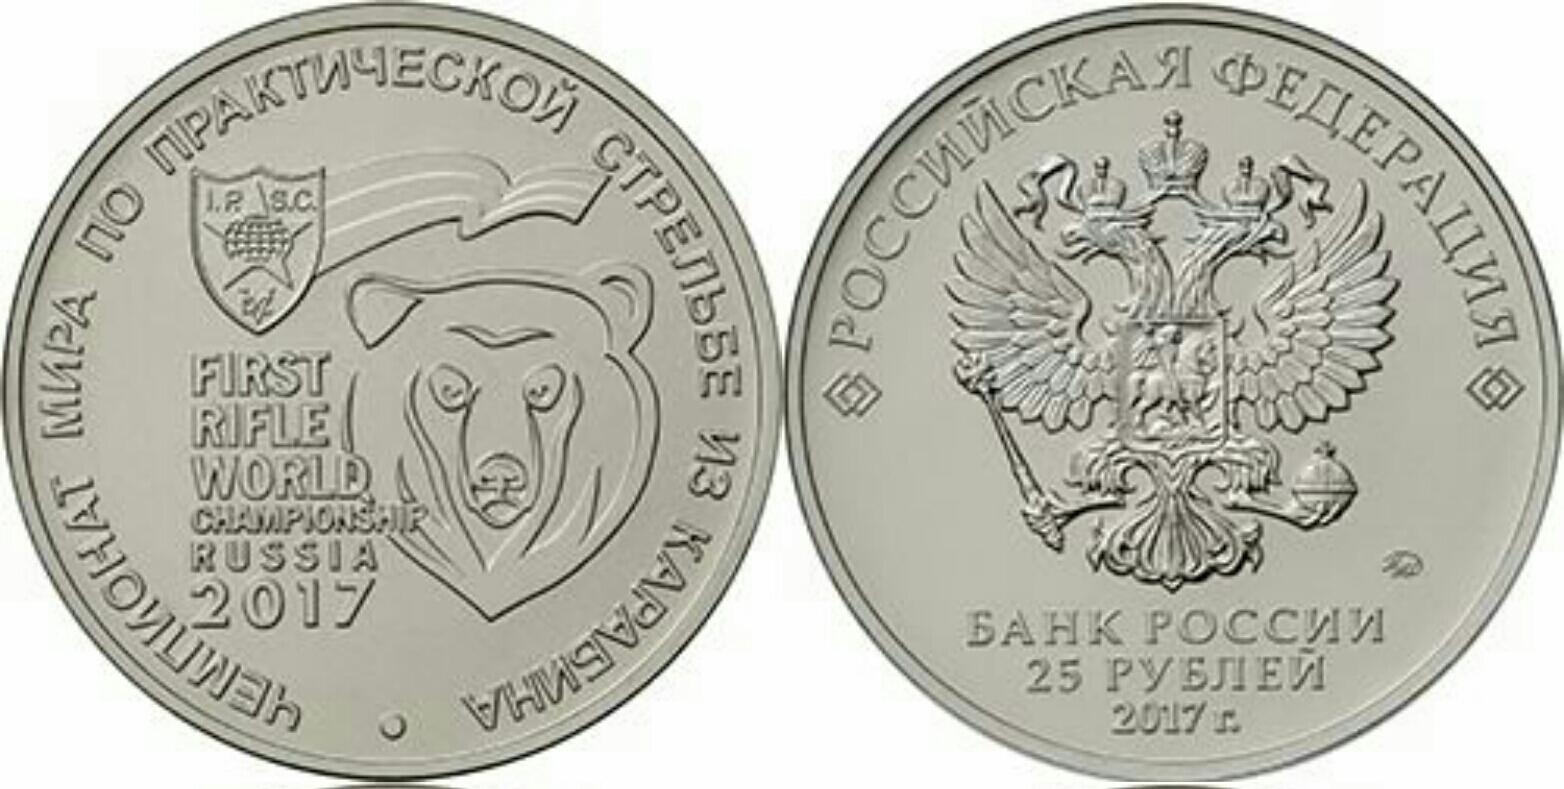 Как купить подлинную монету 25 рублей